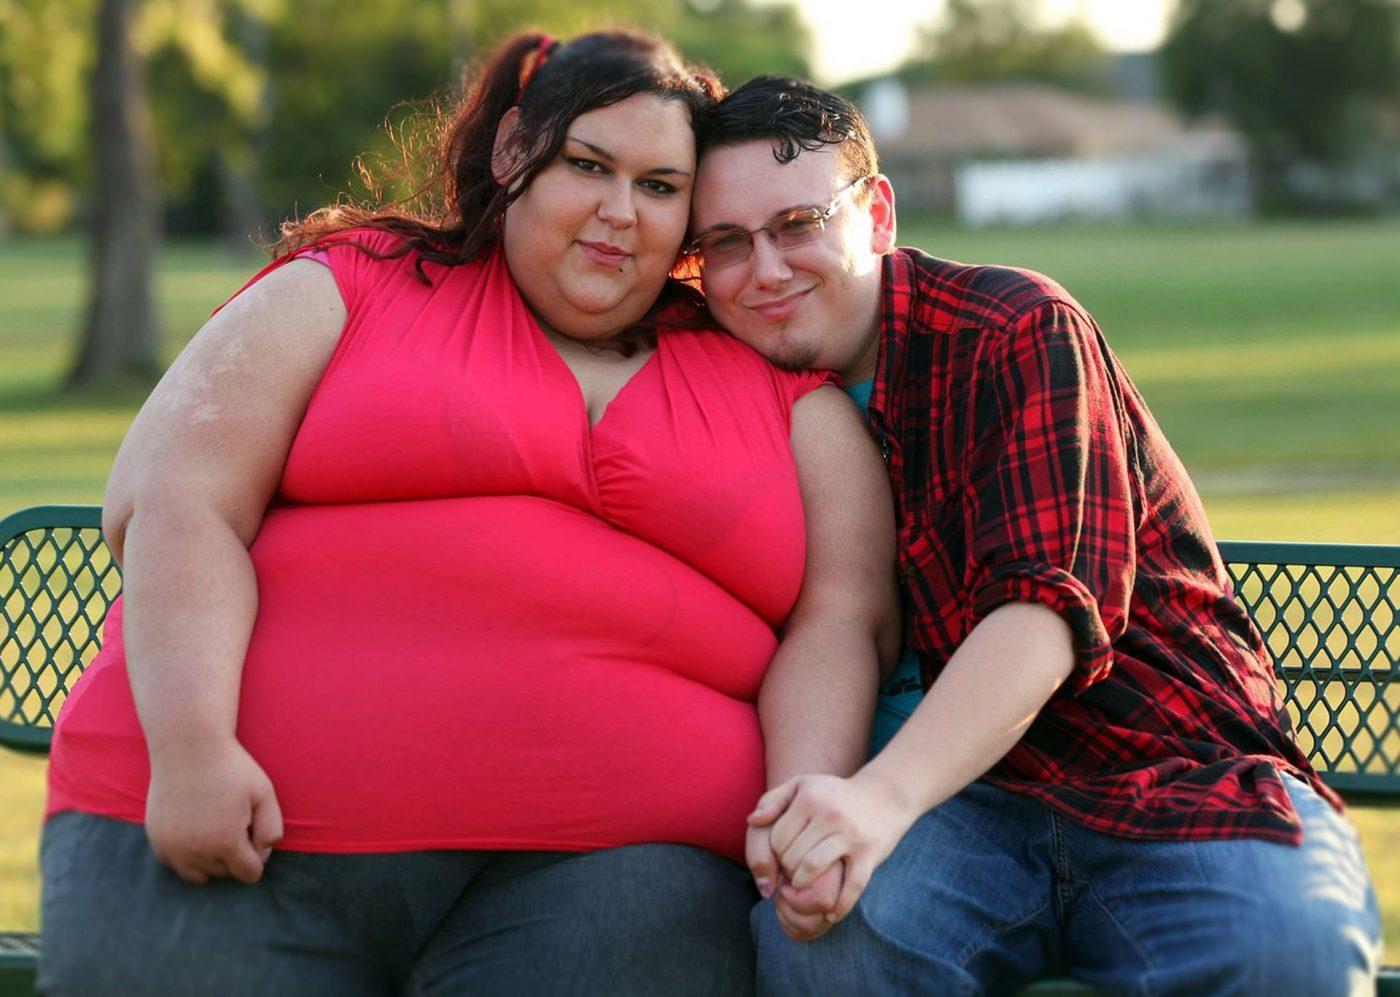 толстые женщины давит парня - 2